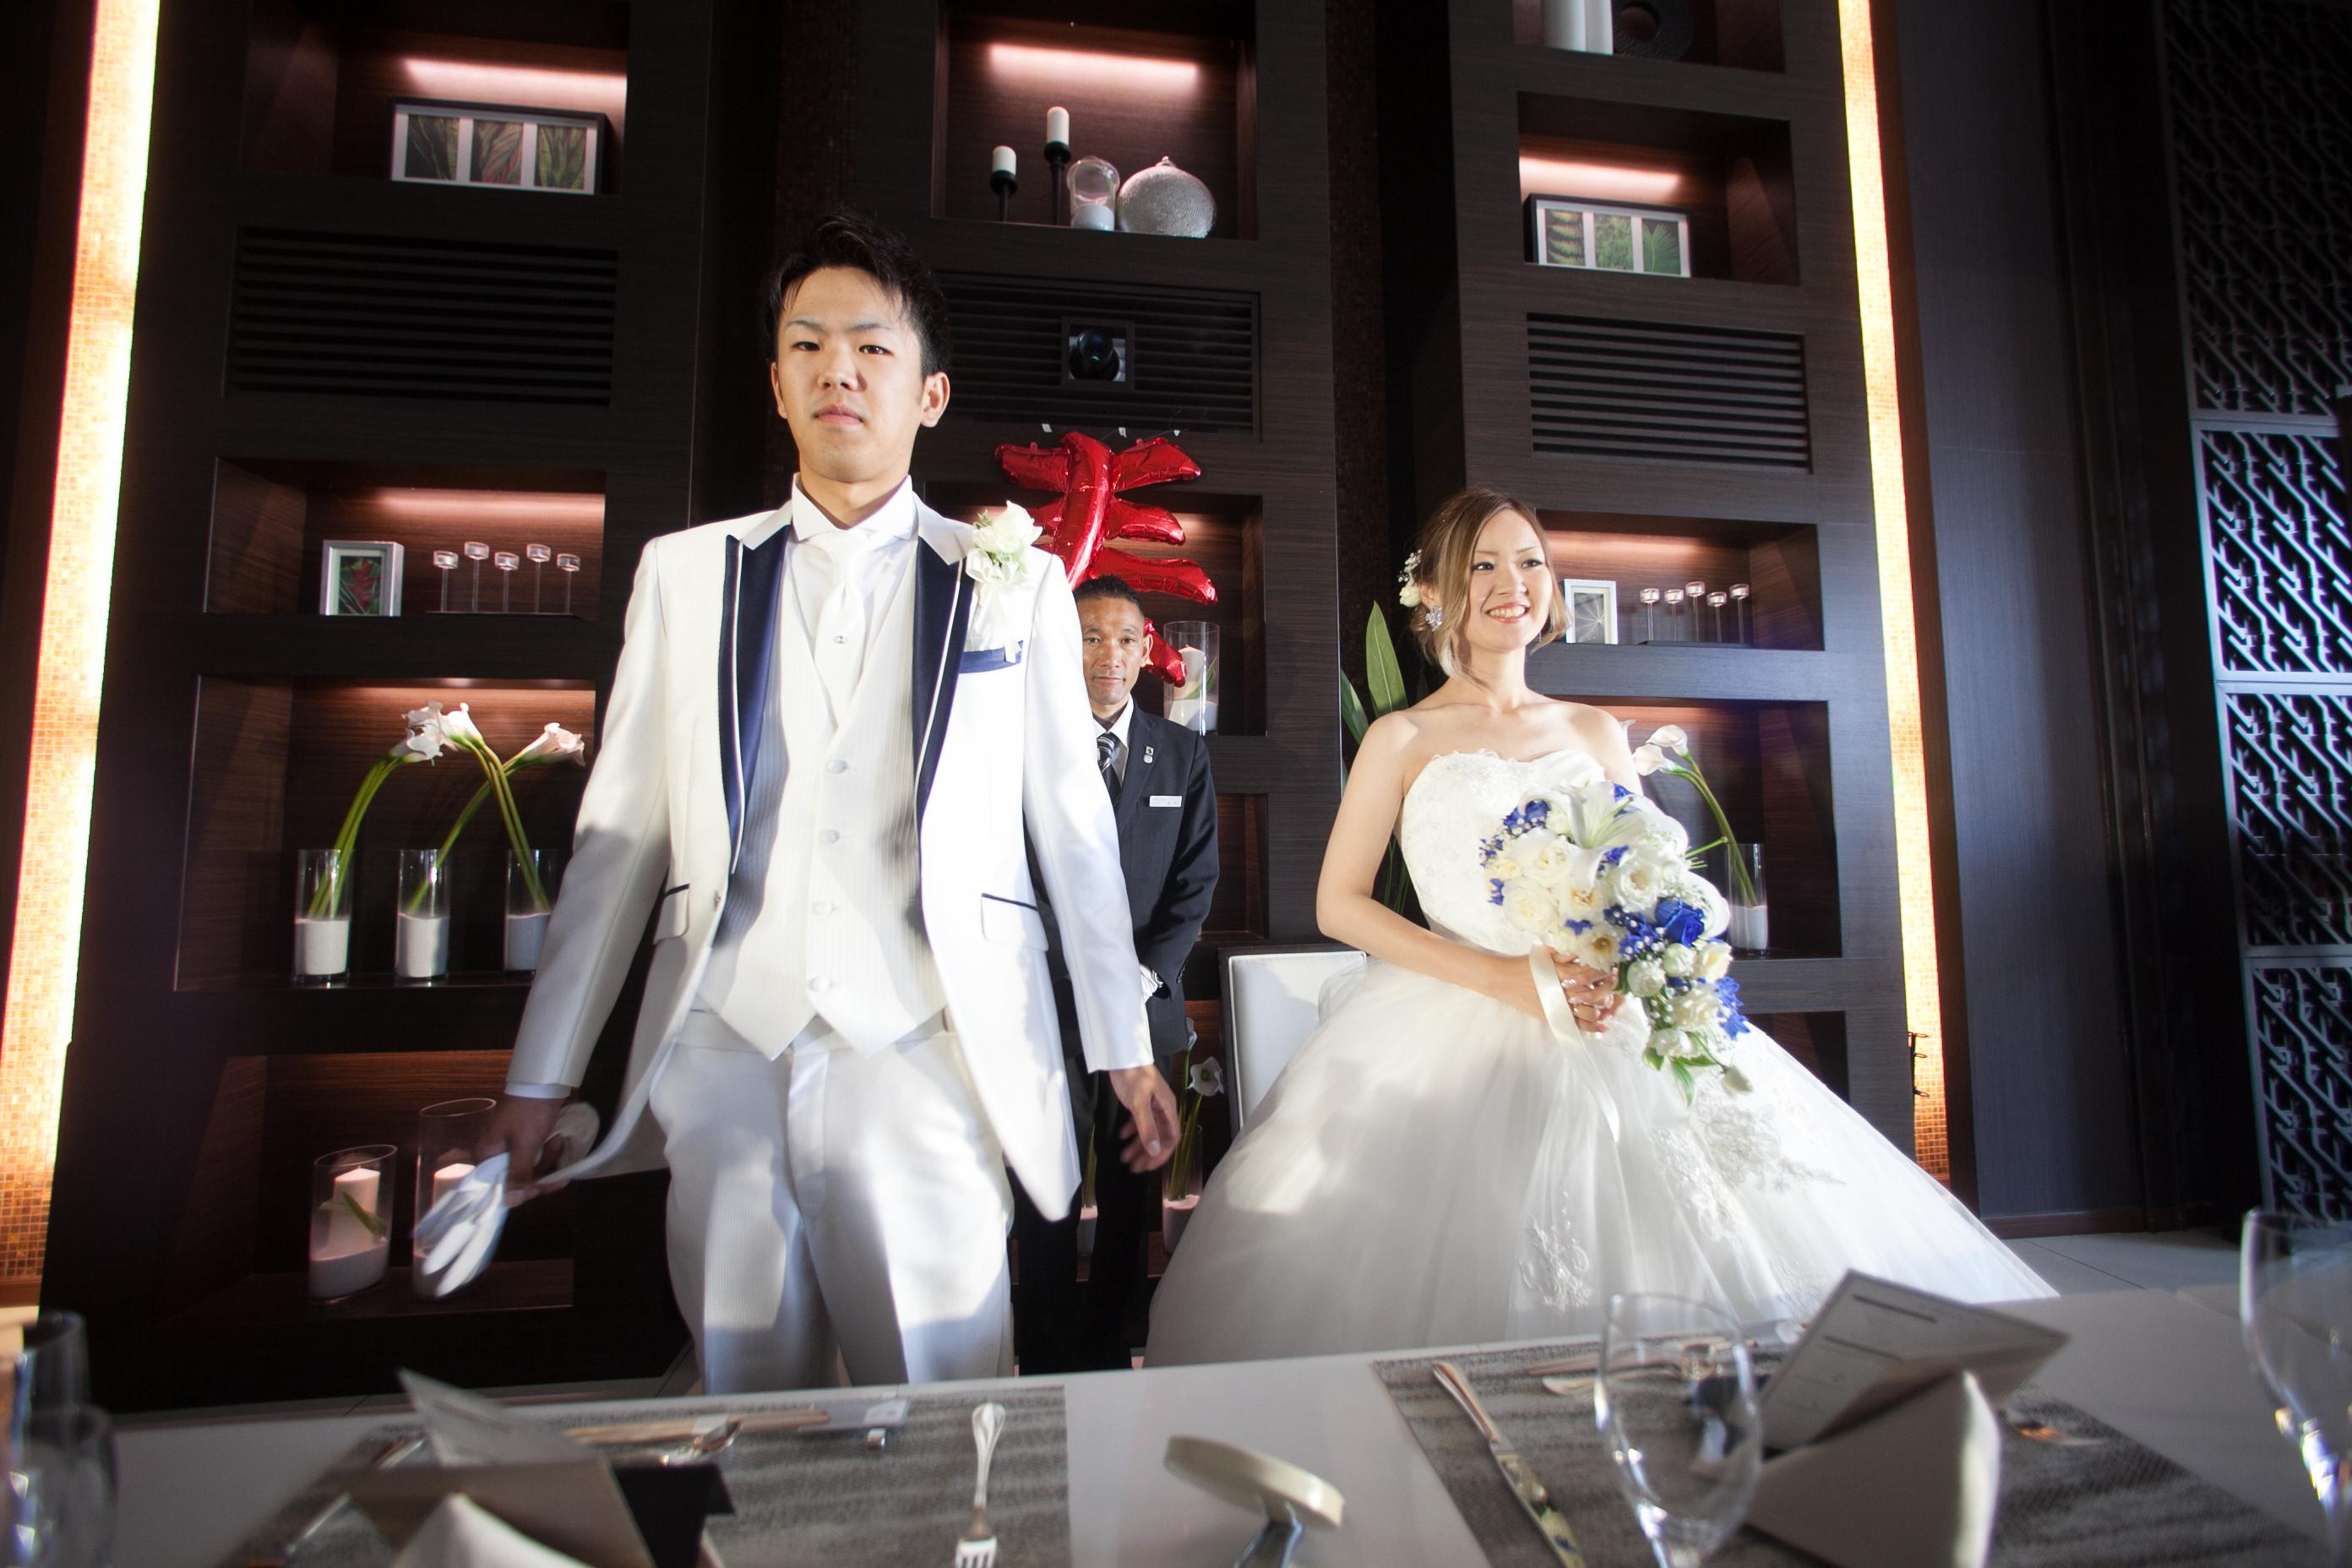 徳島市の結婚式場ブランアンジュで披露宴での挨拶のシーン